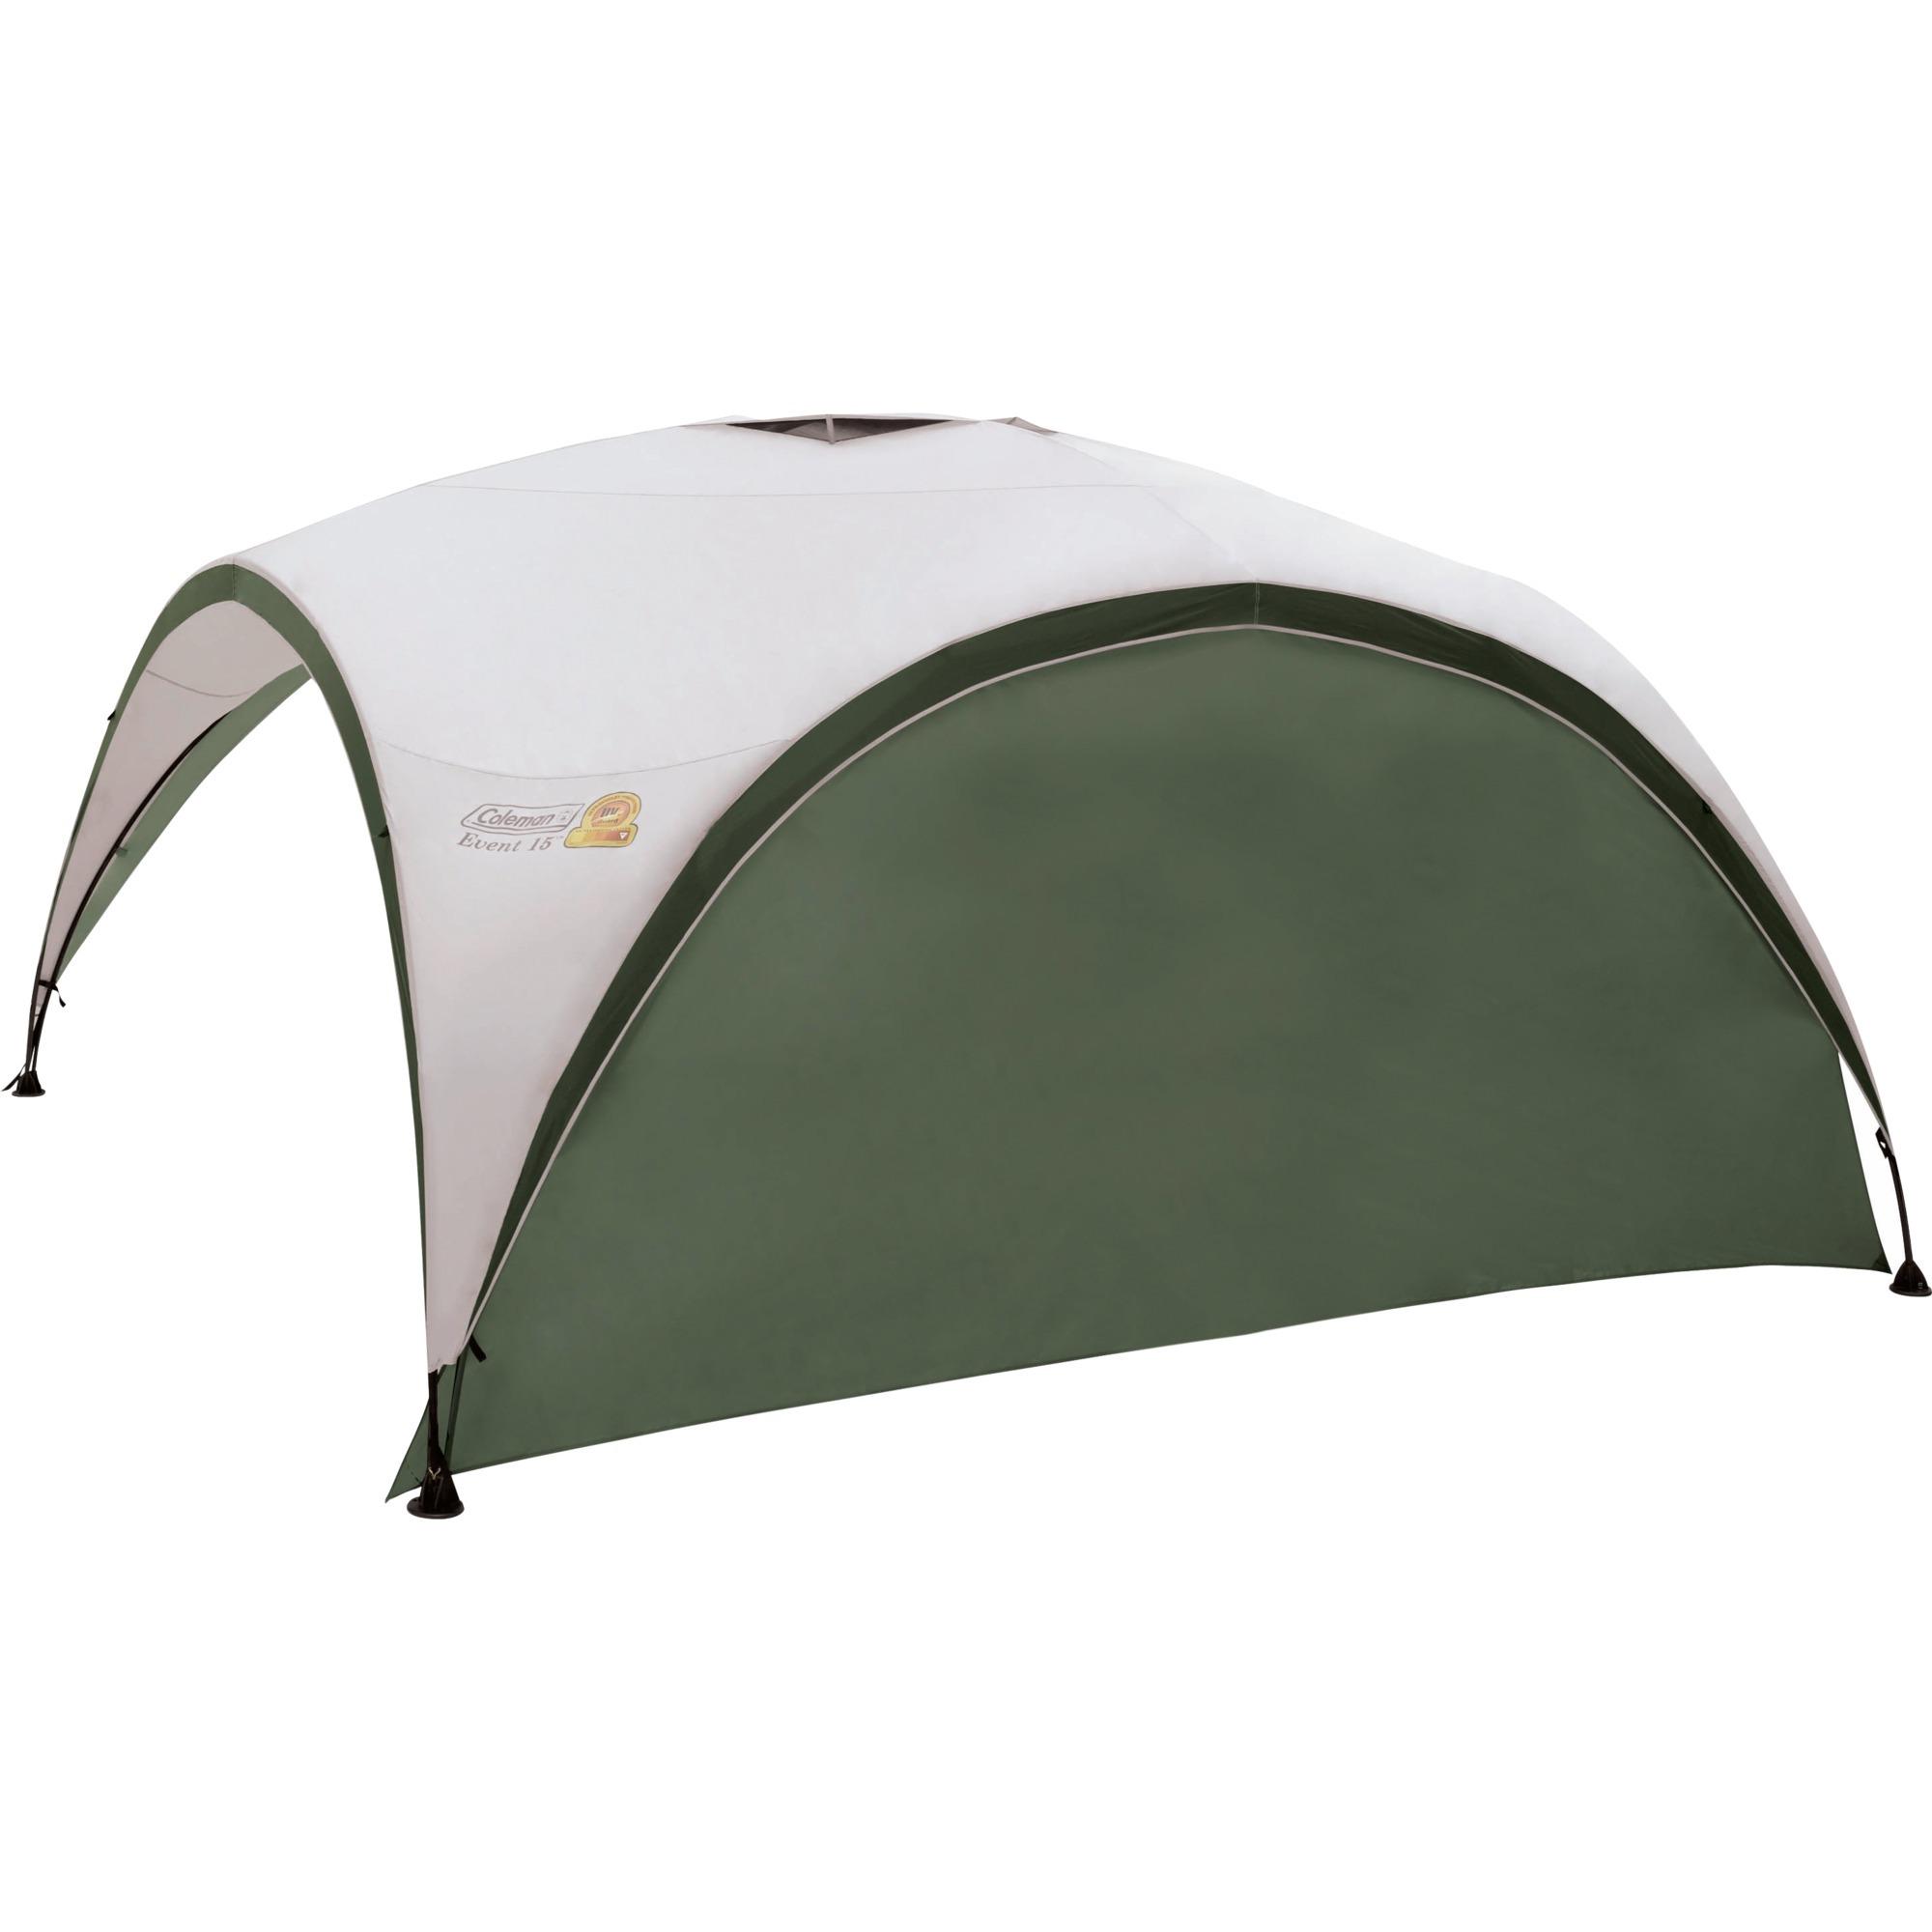 2000020990 toldo y carpa para camping, Lateral